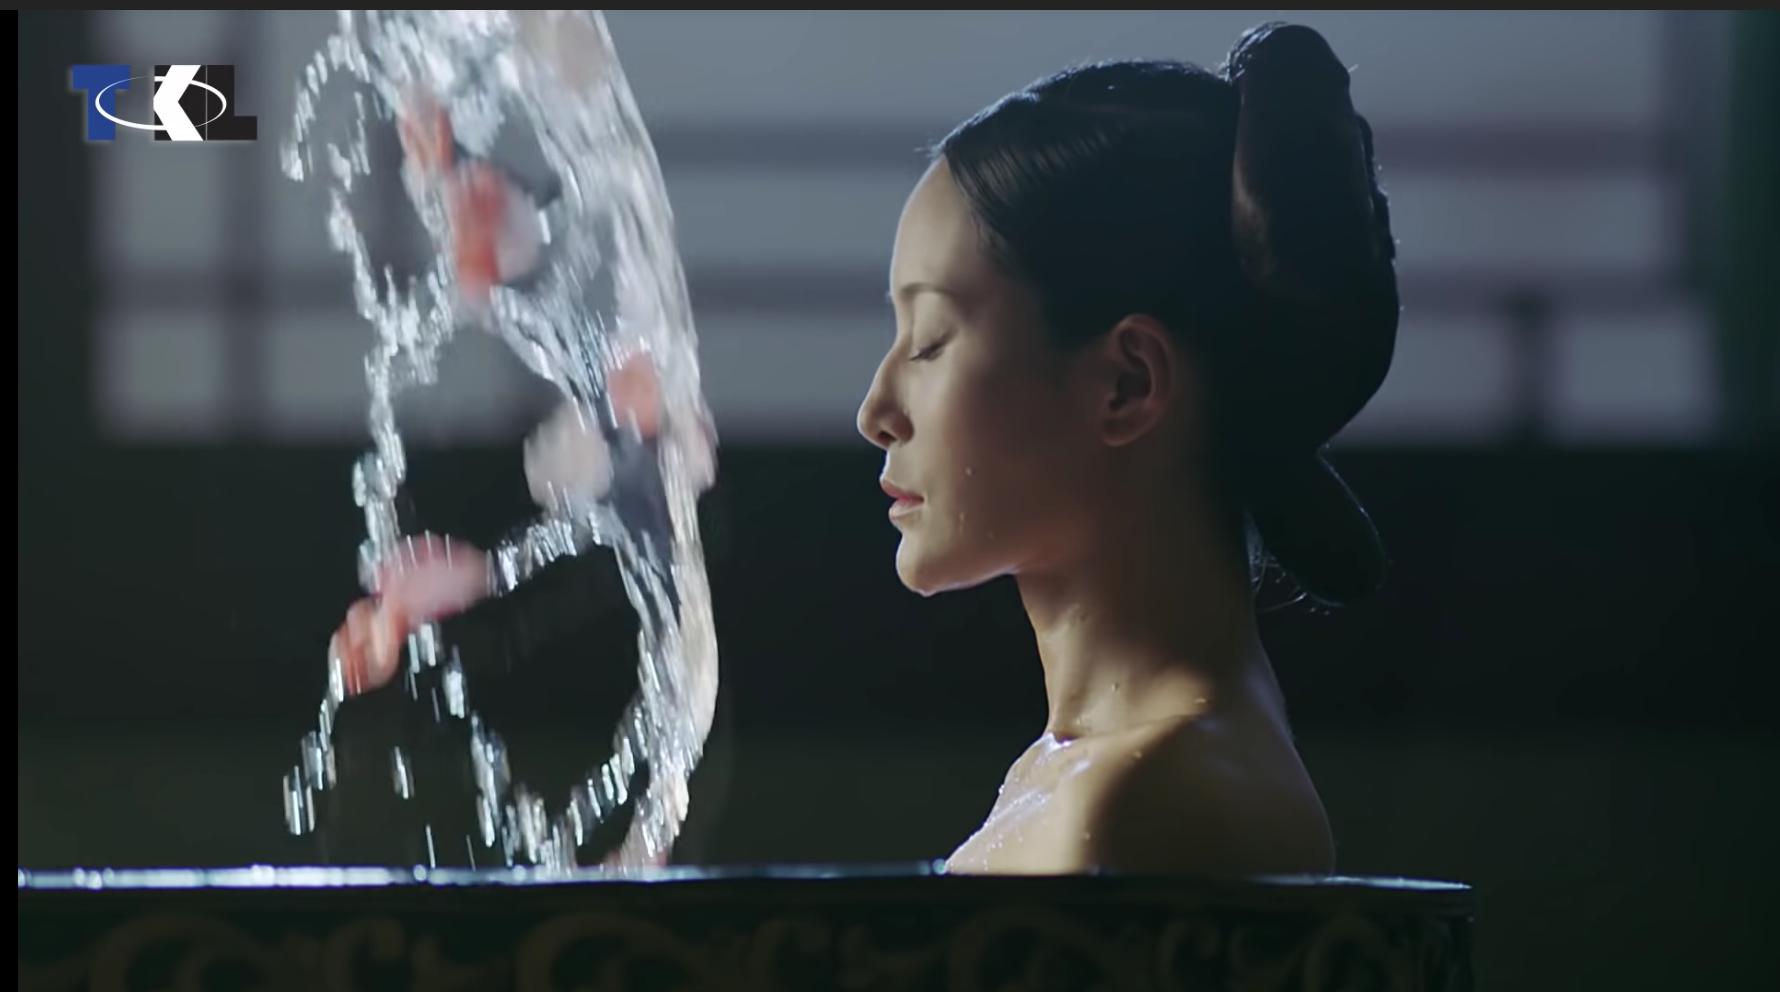 Caption: Nương nương tắm đêm để khỏi thị tẩm